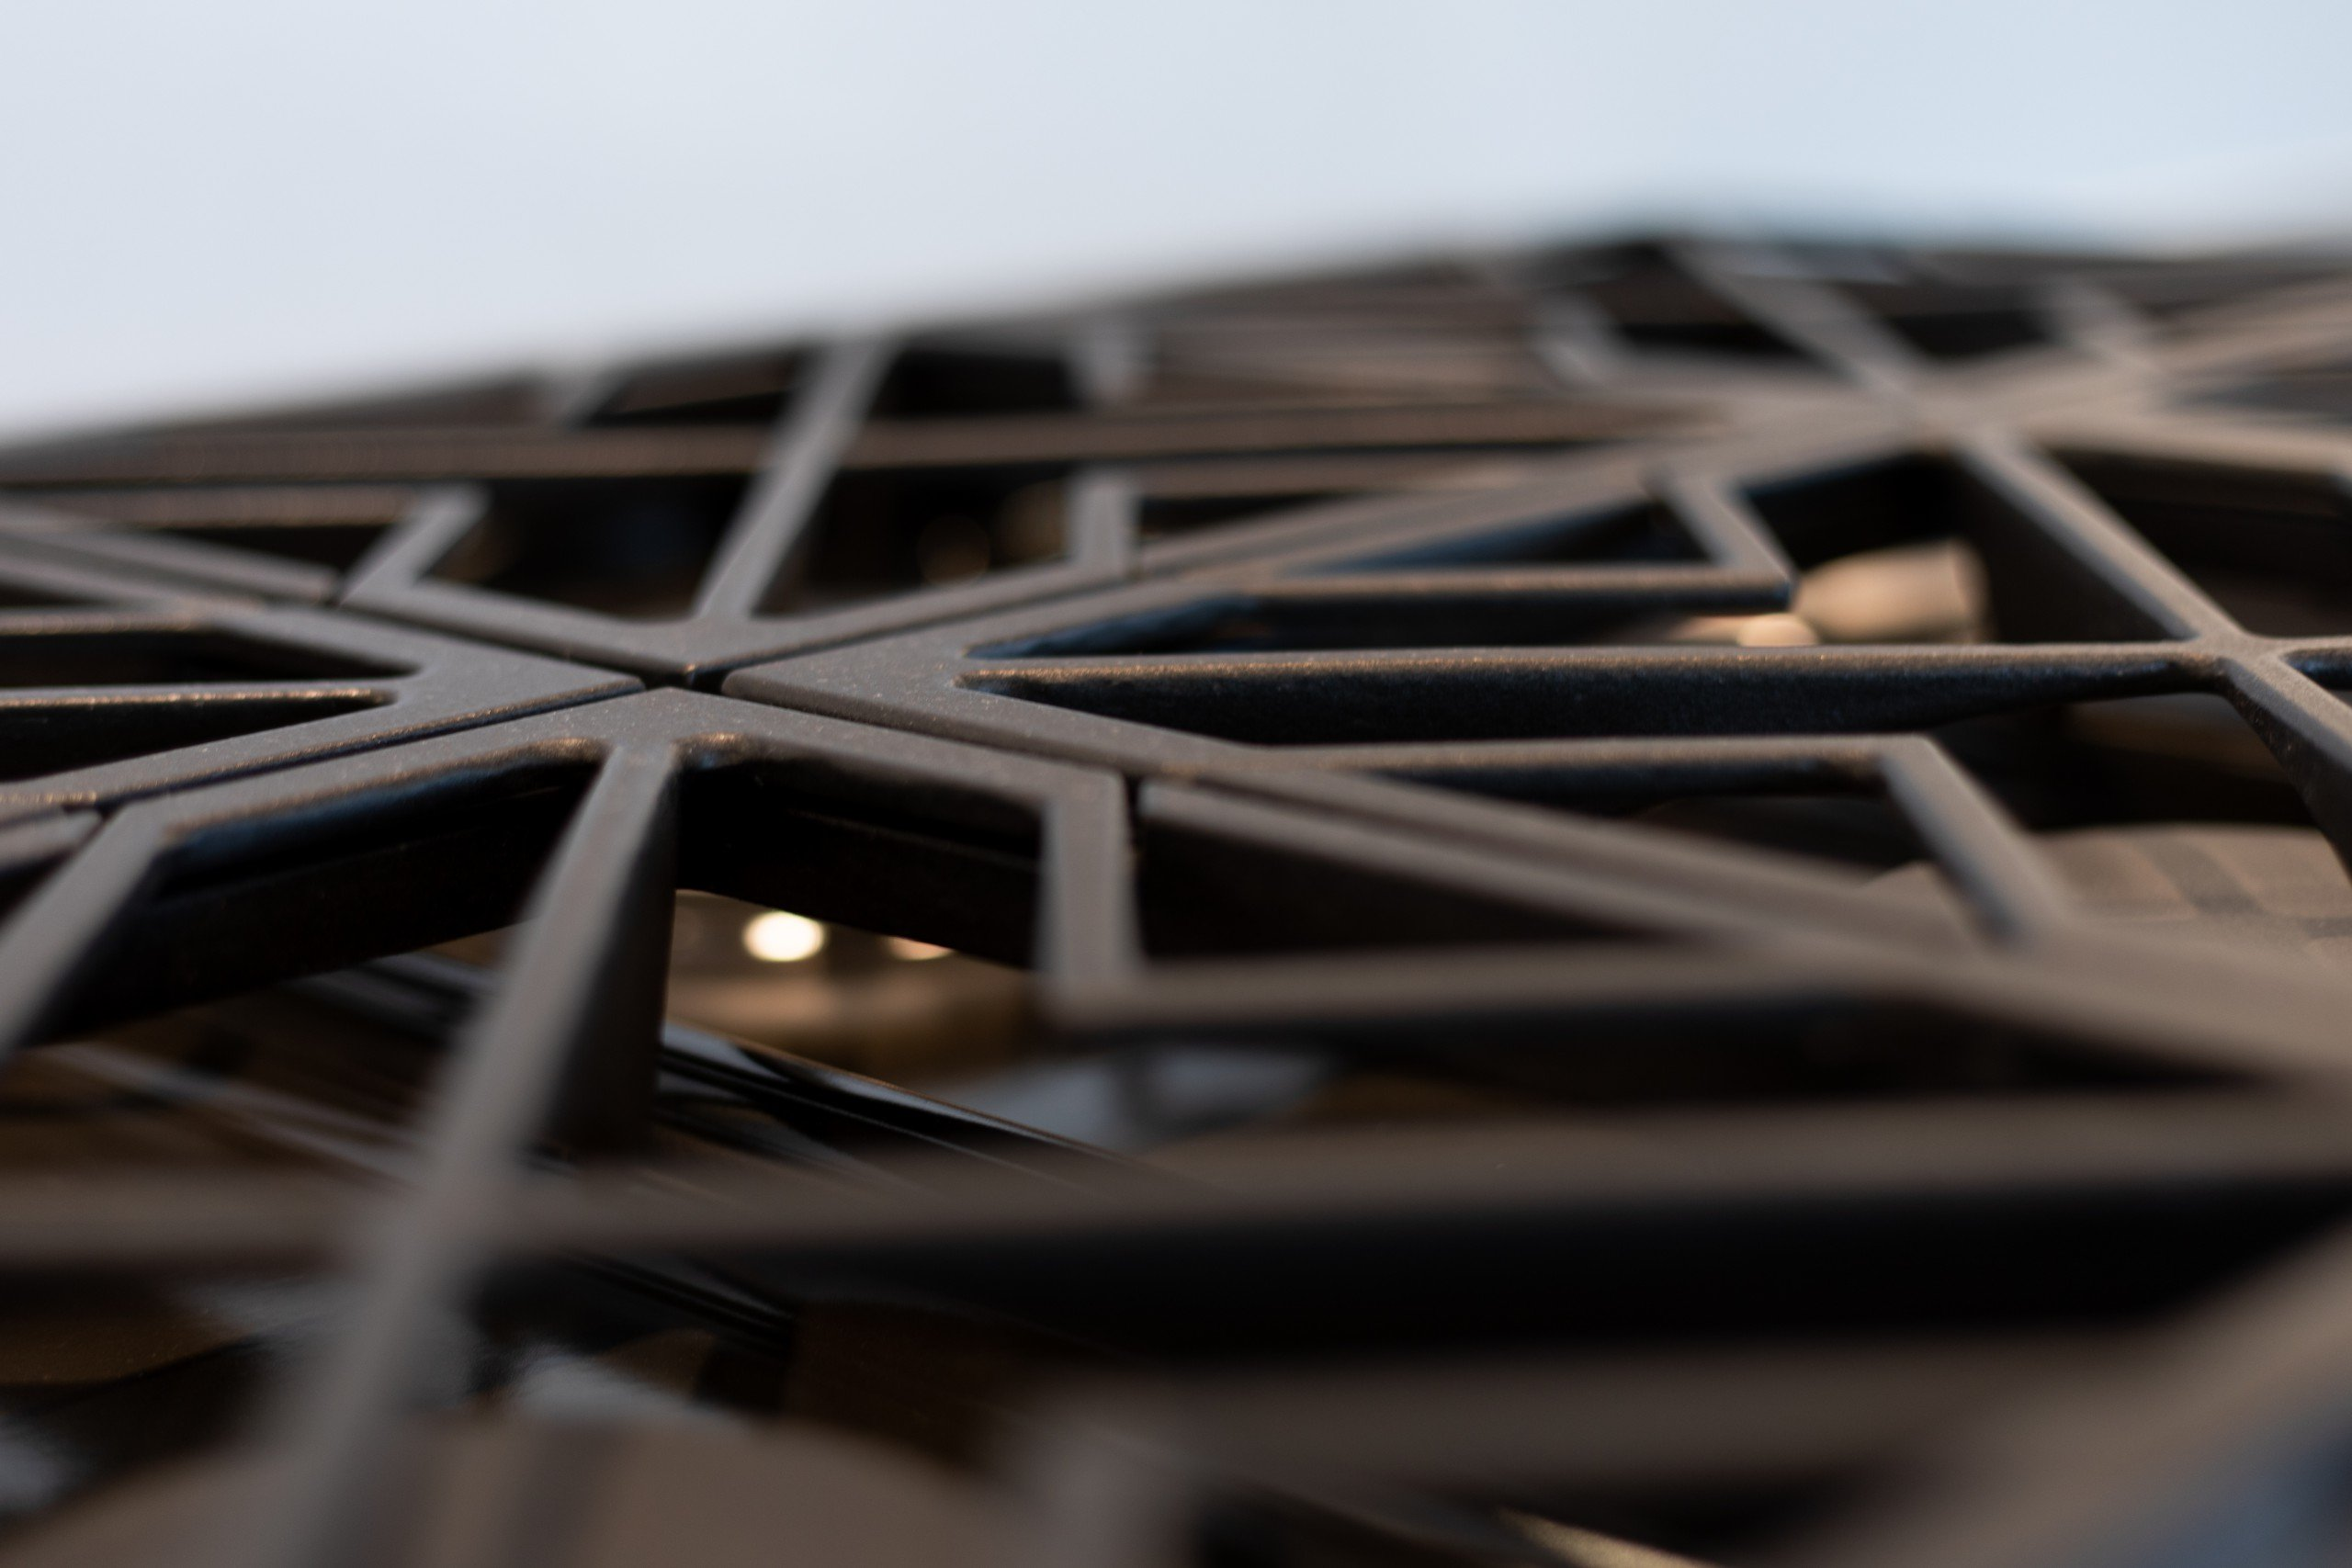 Interior Photography: Stove Closeup